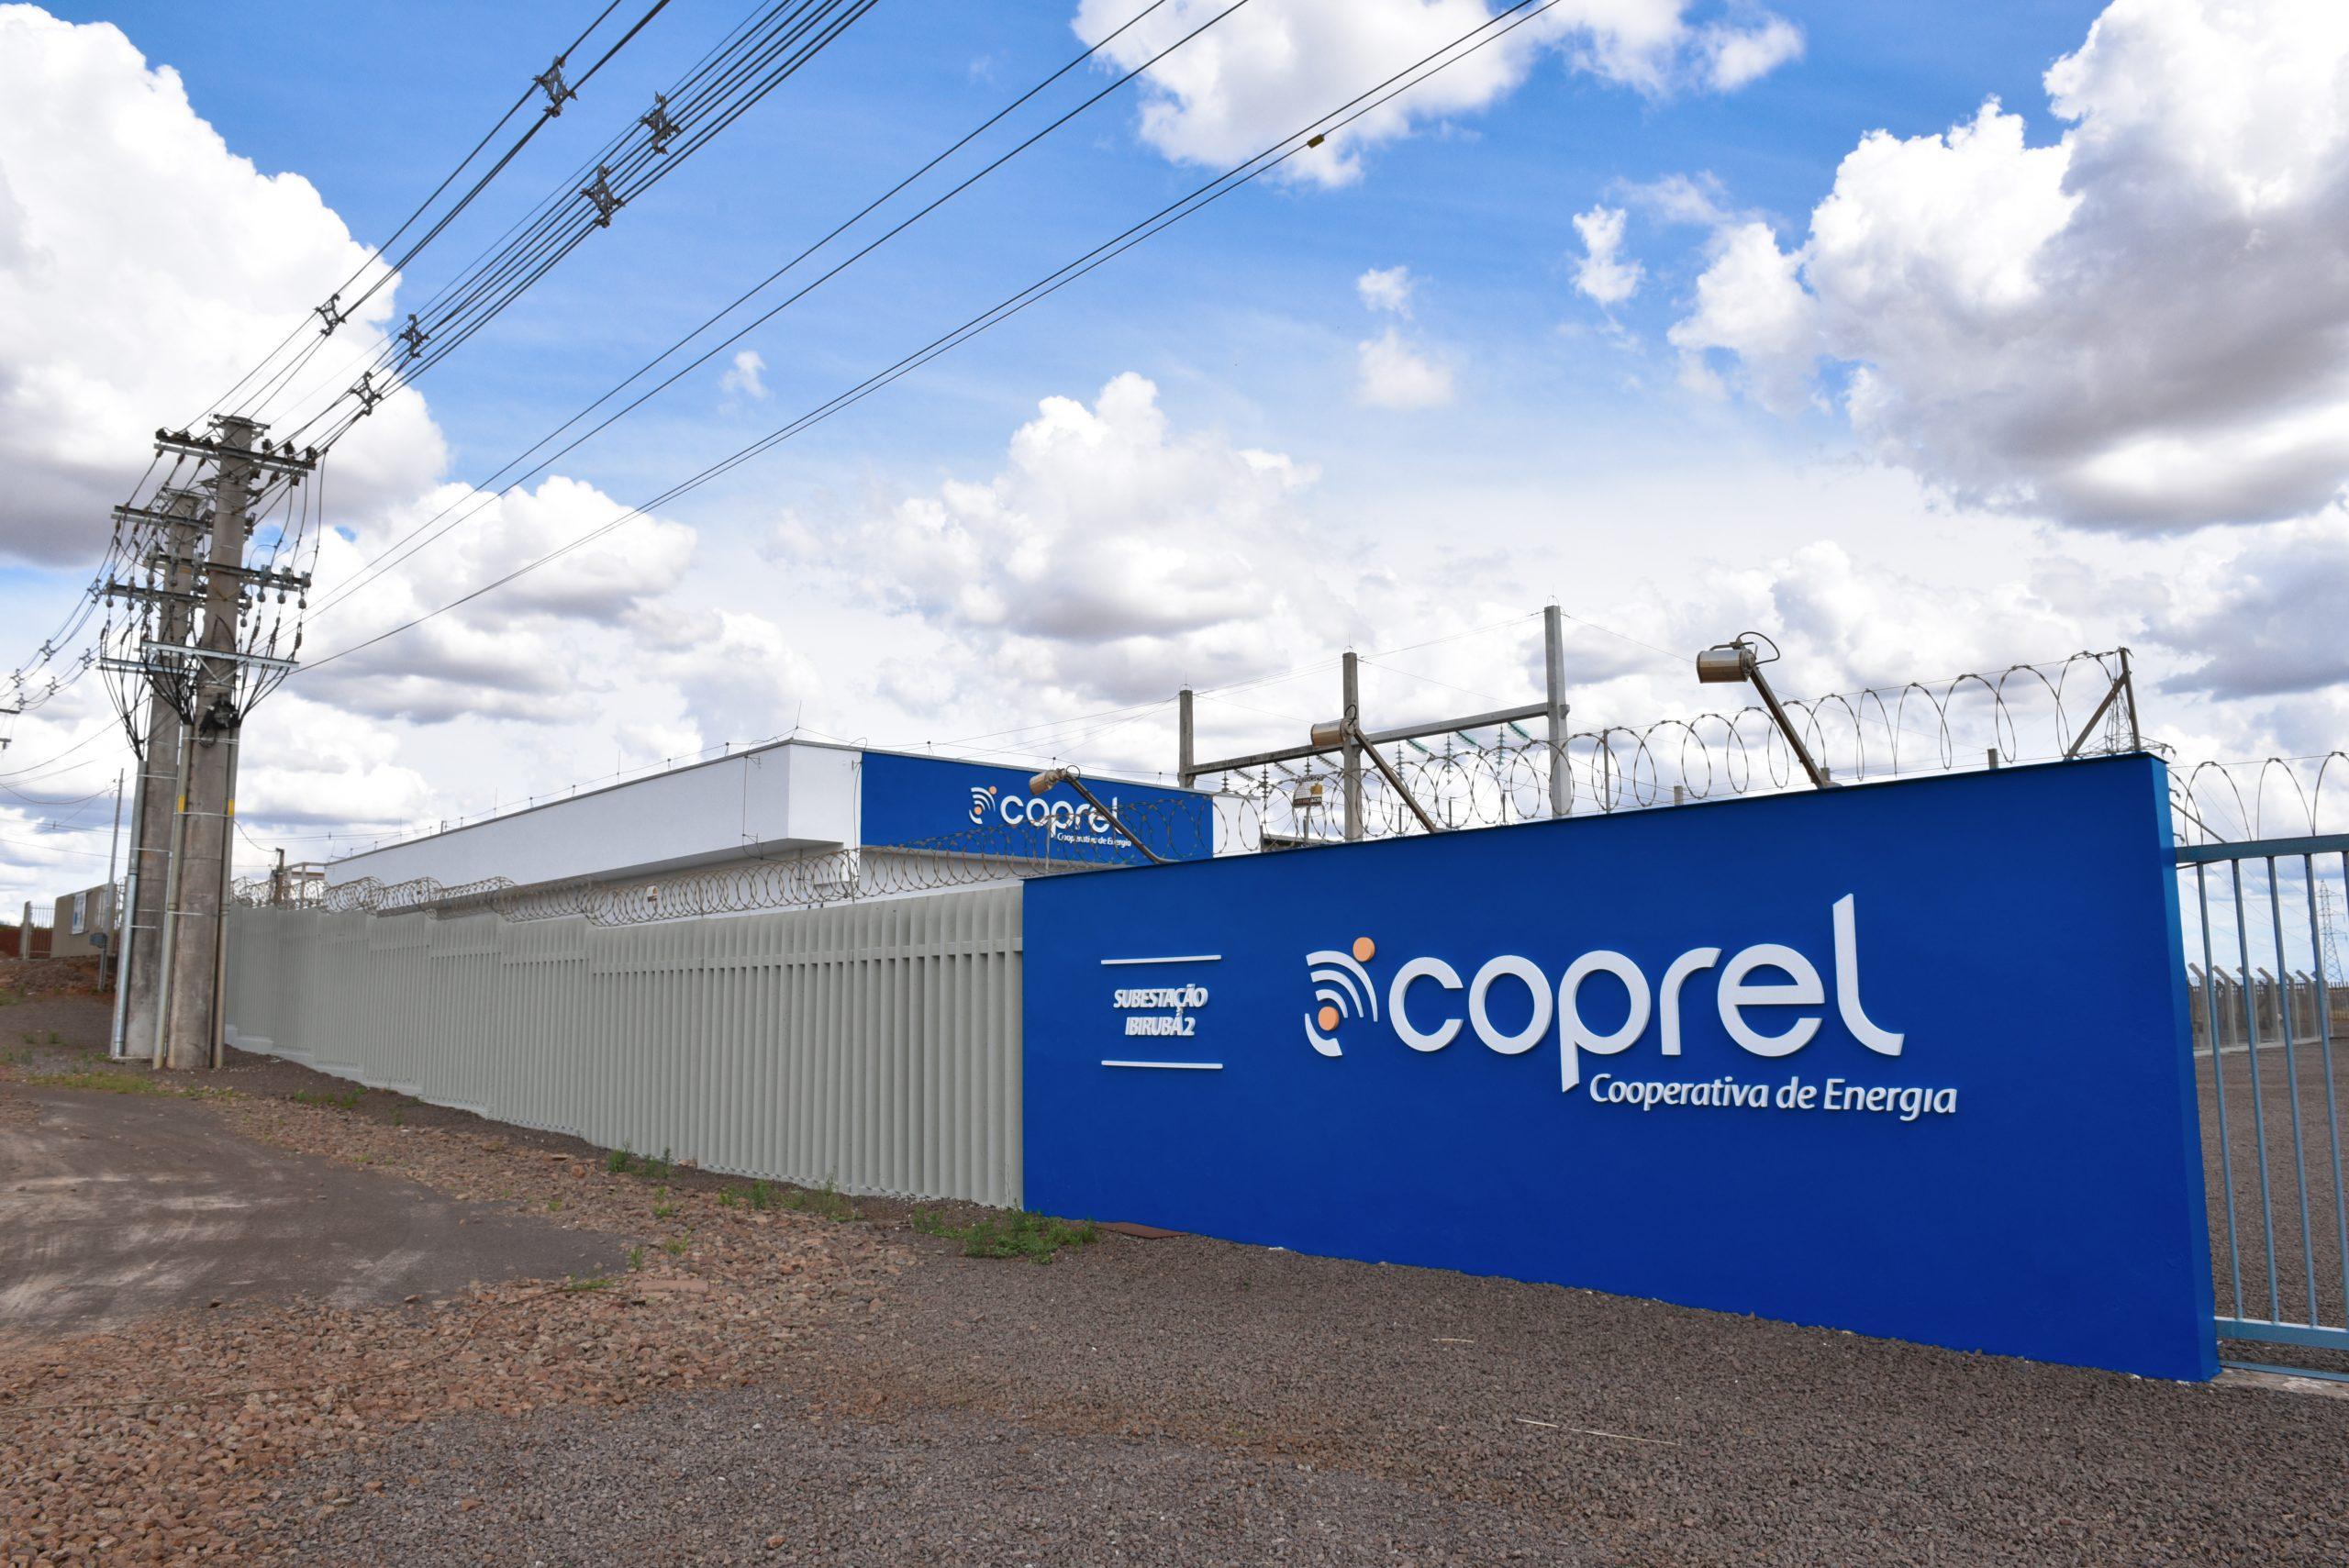 Coprel está entre as melhores distribuidoras de energia elétrica do país